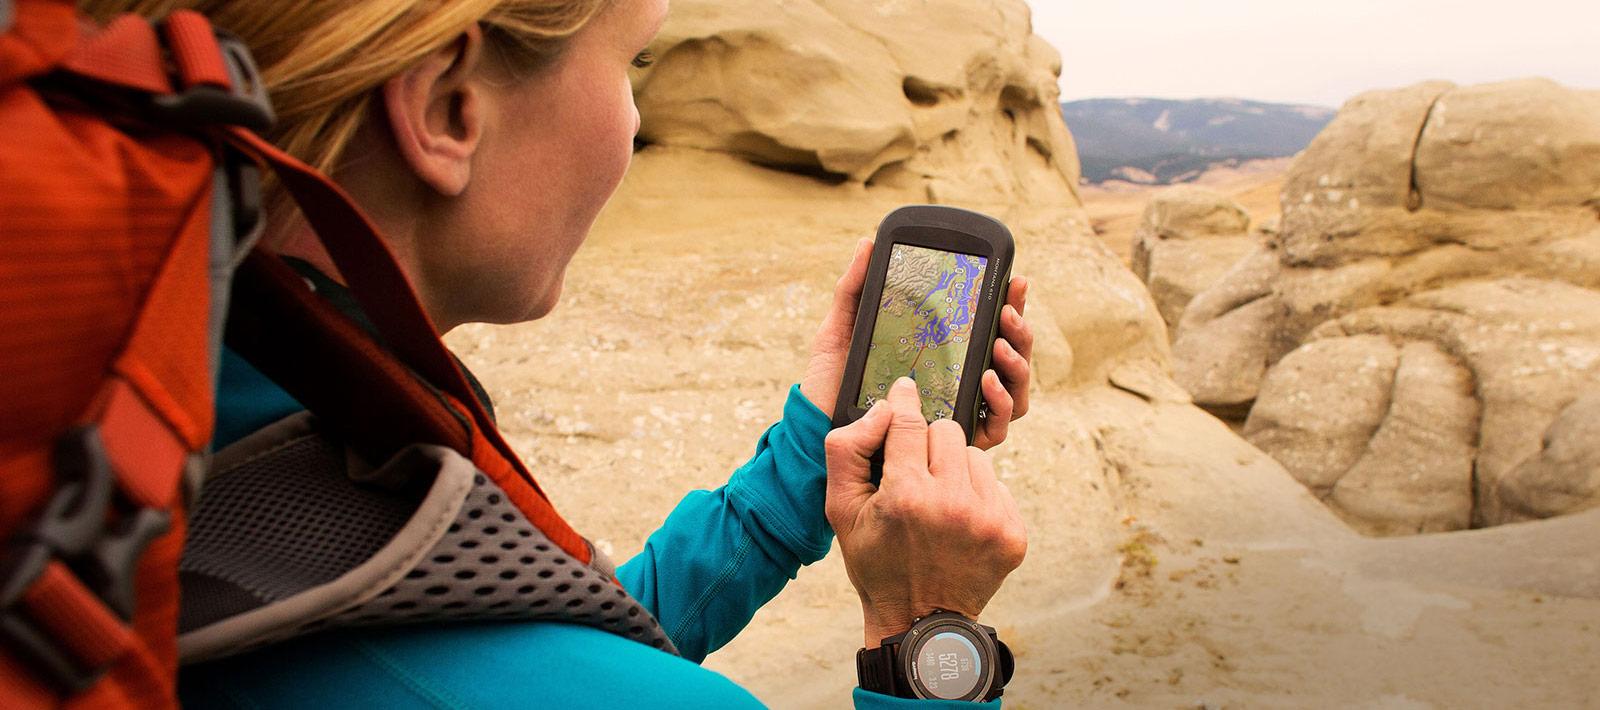 Montana (Montres et GPS de randonnée)